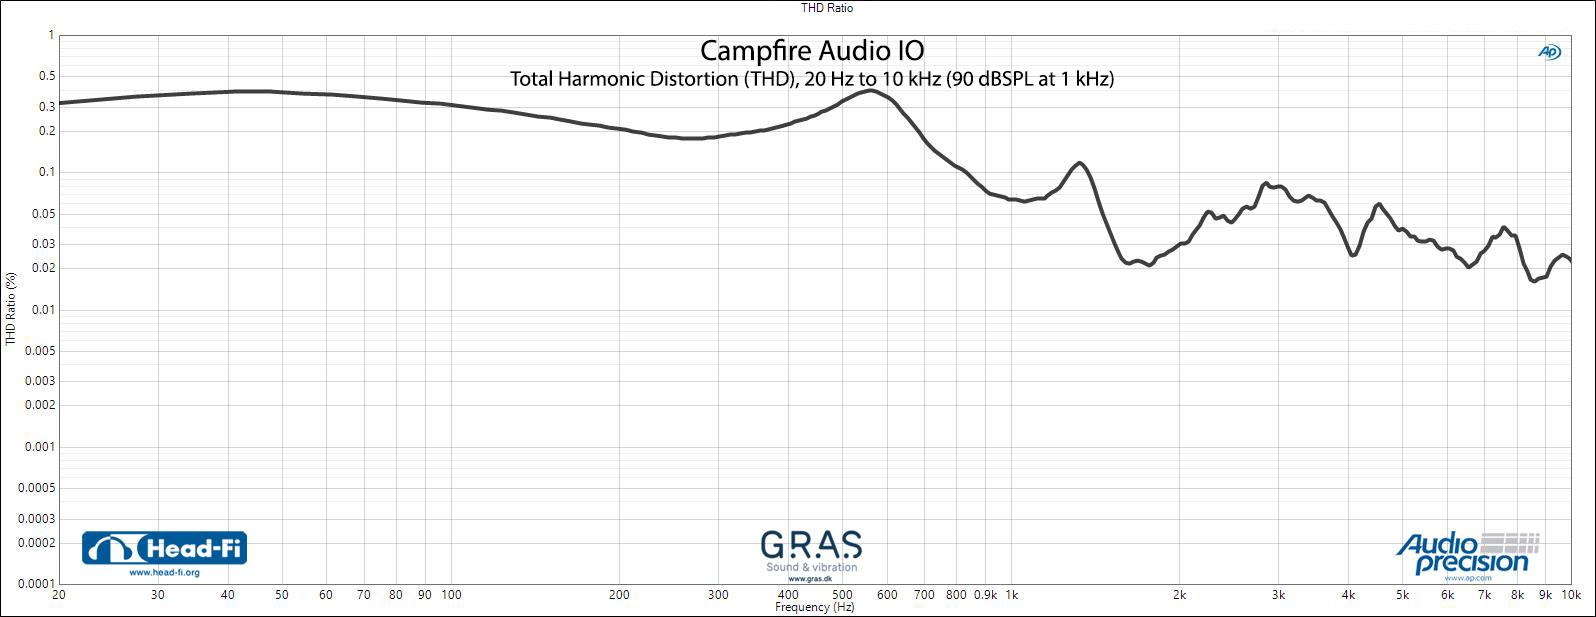 THD Campfire Audio IO